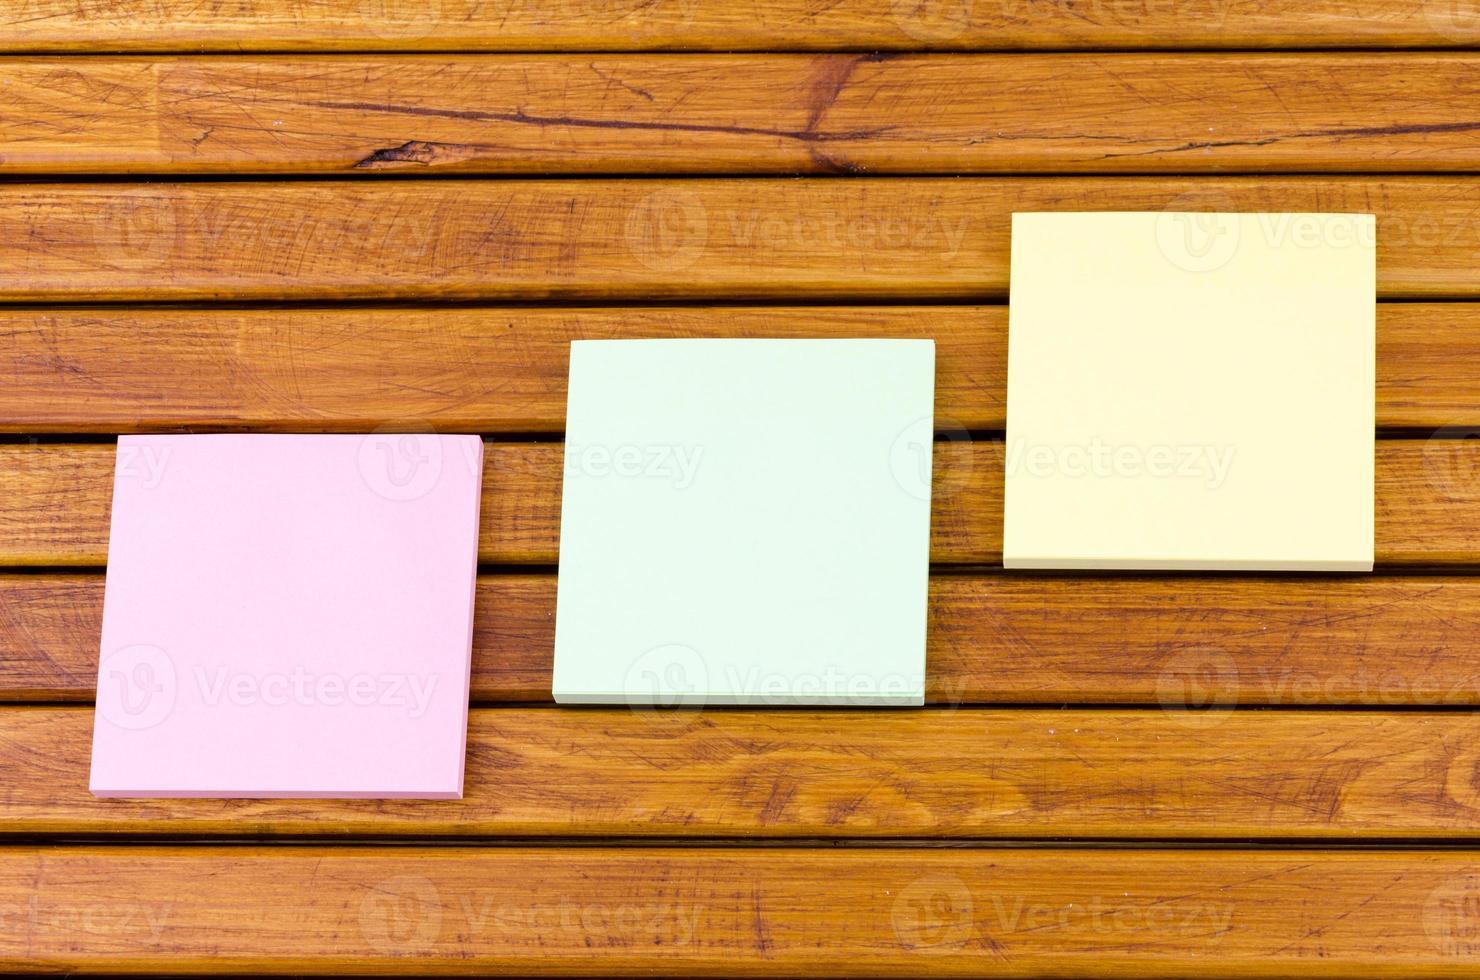 berichten en documenten op een houten salontafel foto